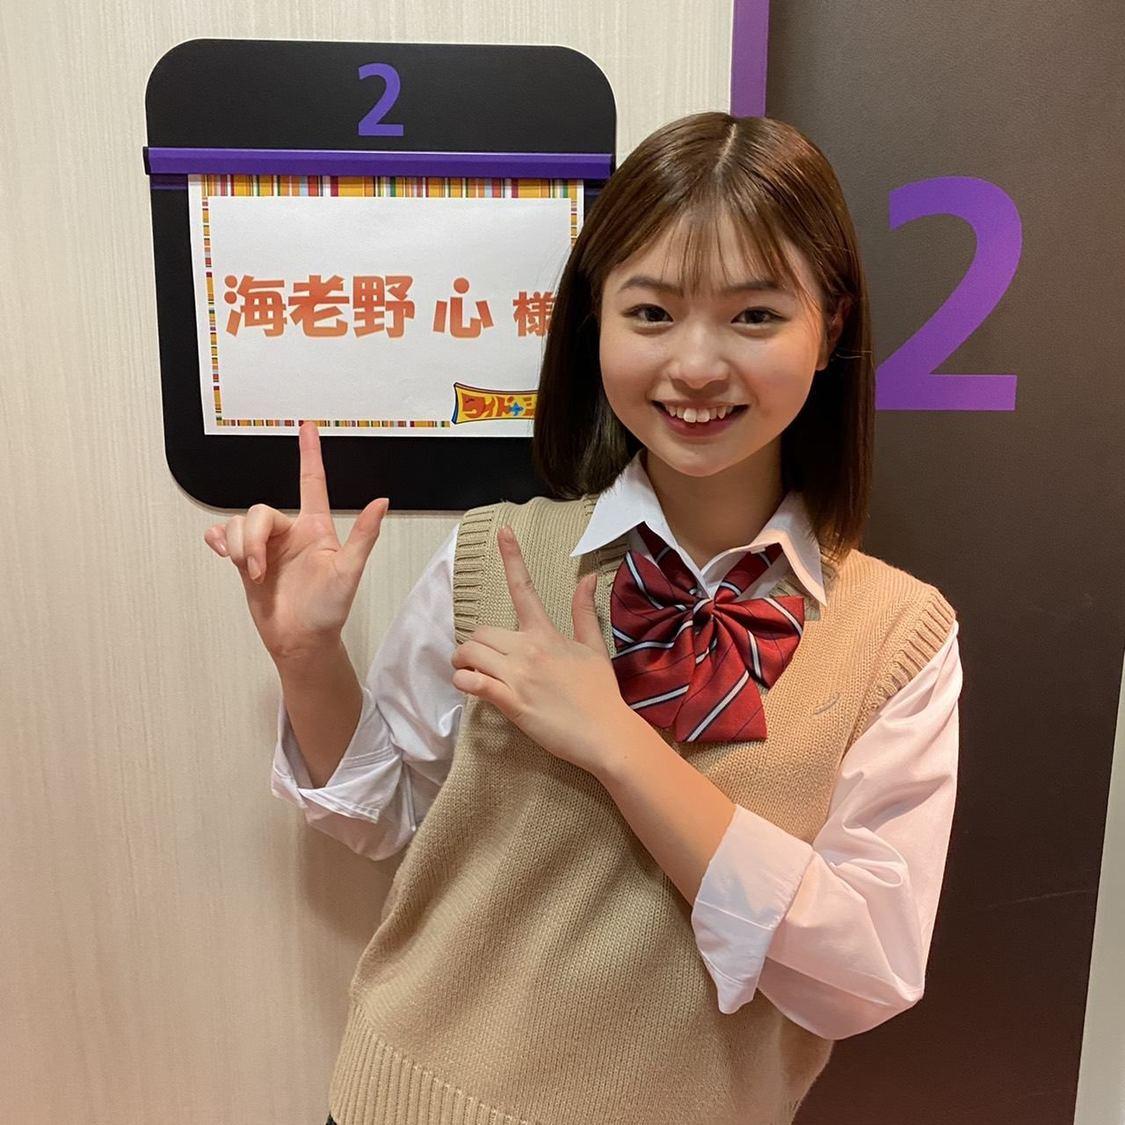 海老野心、現役JK最後の制服姿で登場! フジテレビ『ワイドナショー』5度目の出演